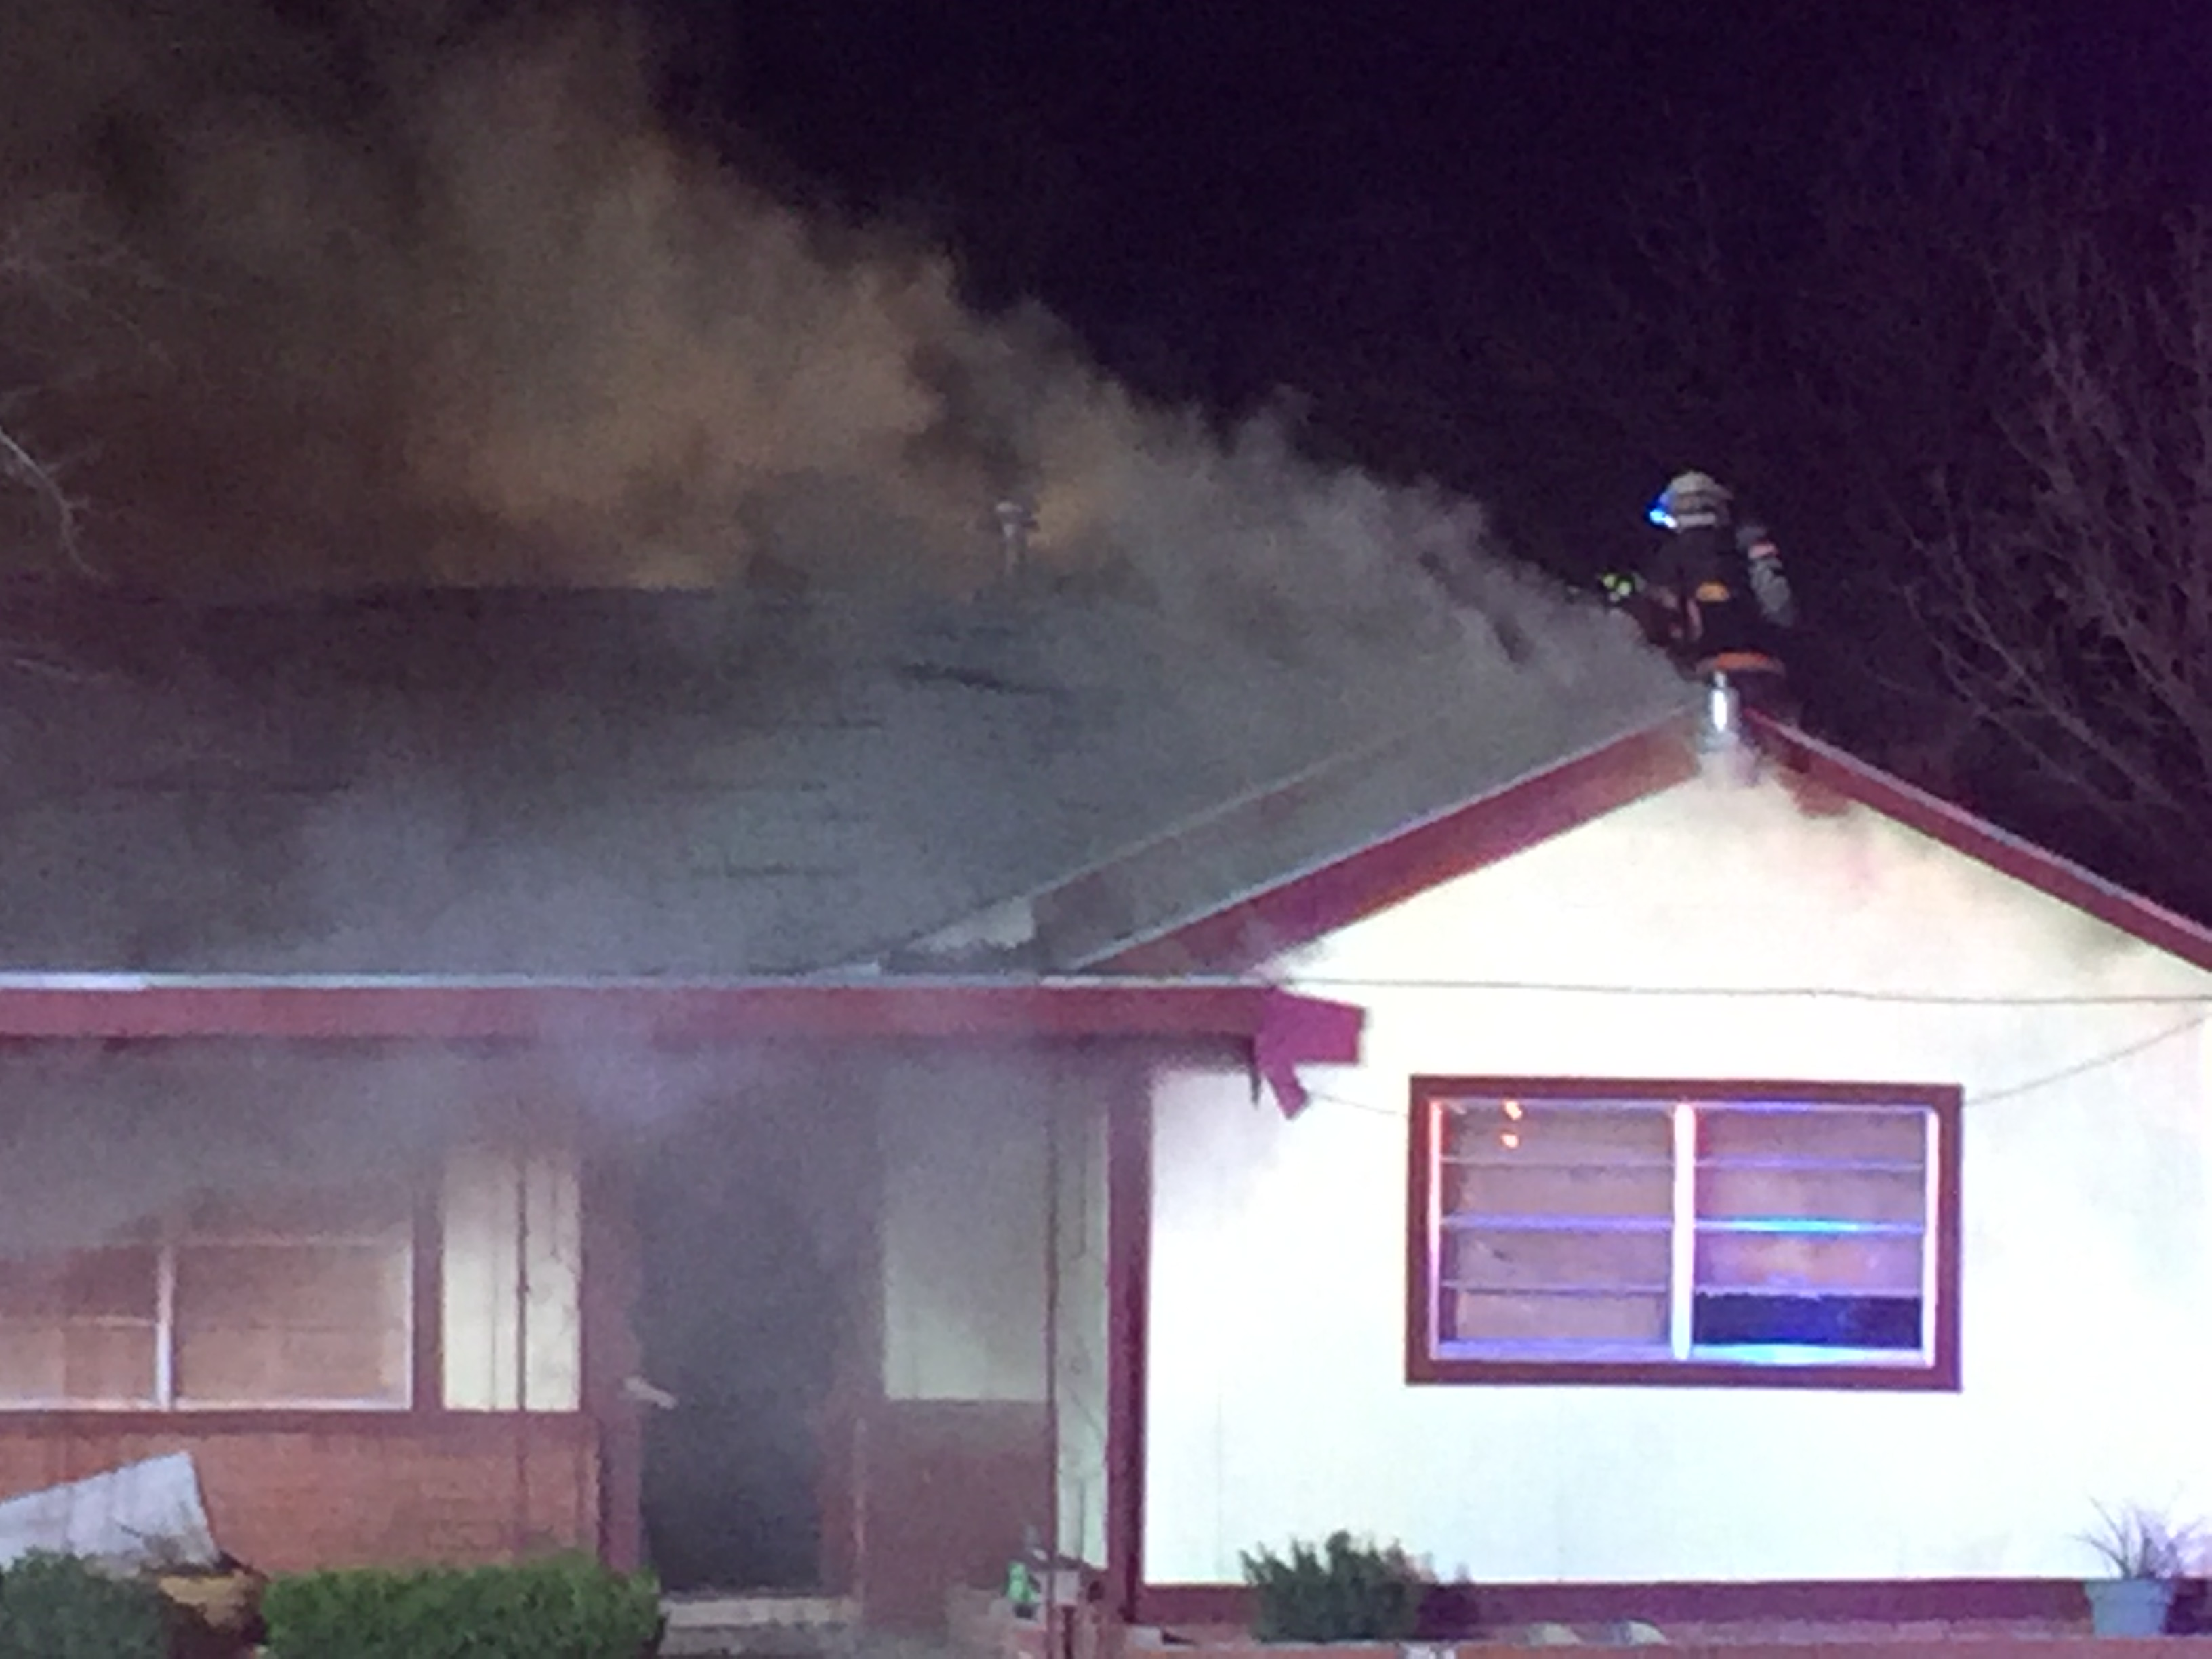 A house catches fire on 23rd St. (LIVE! Photo/Maura Ballard)